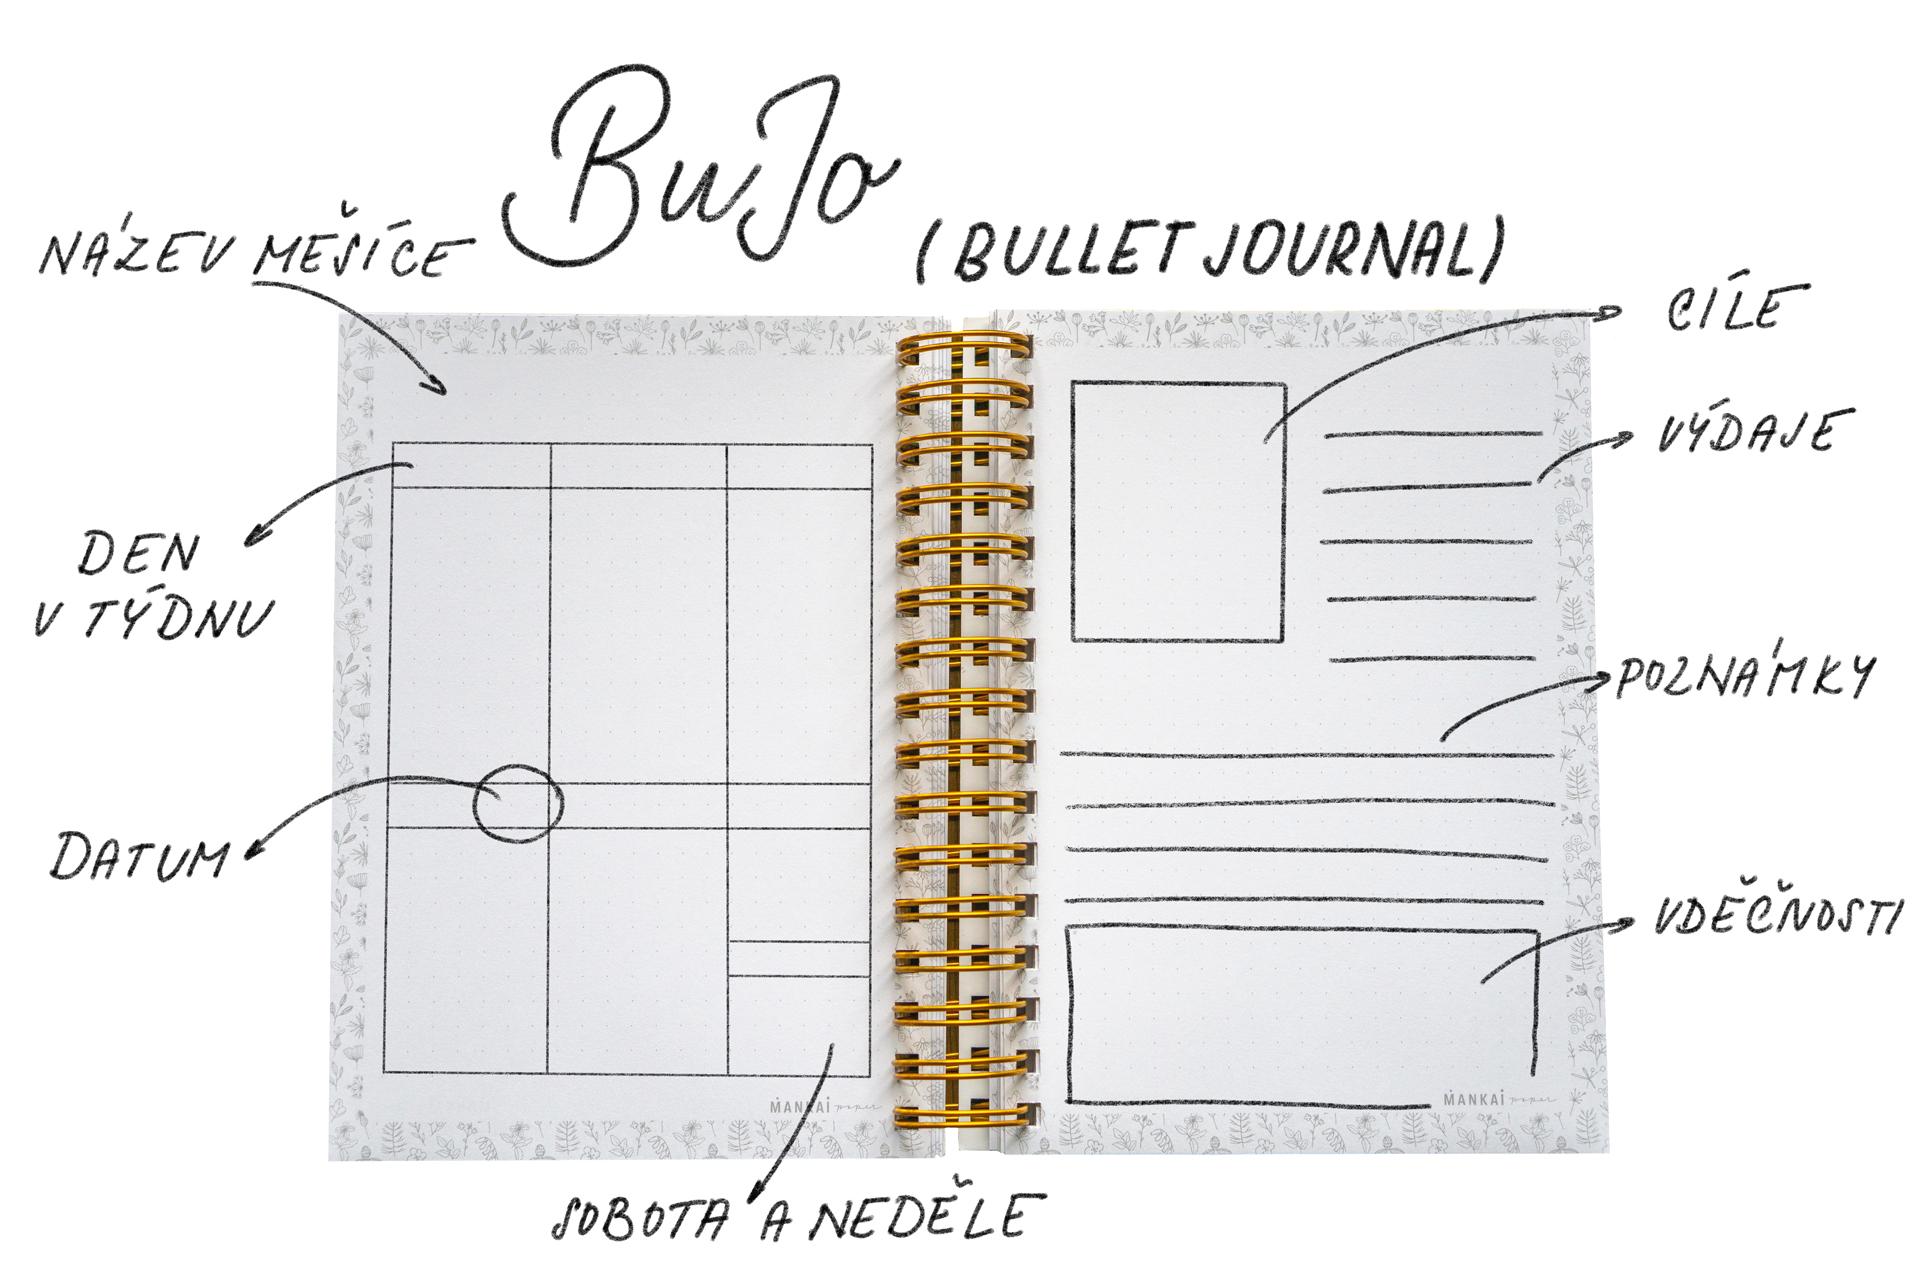 bullet_journal_mankaipapier